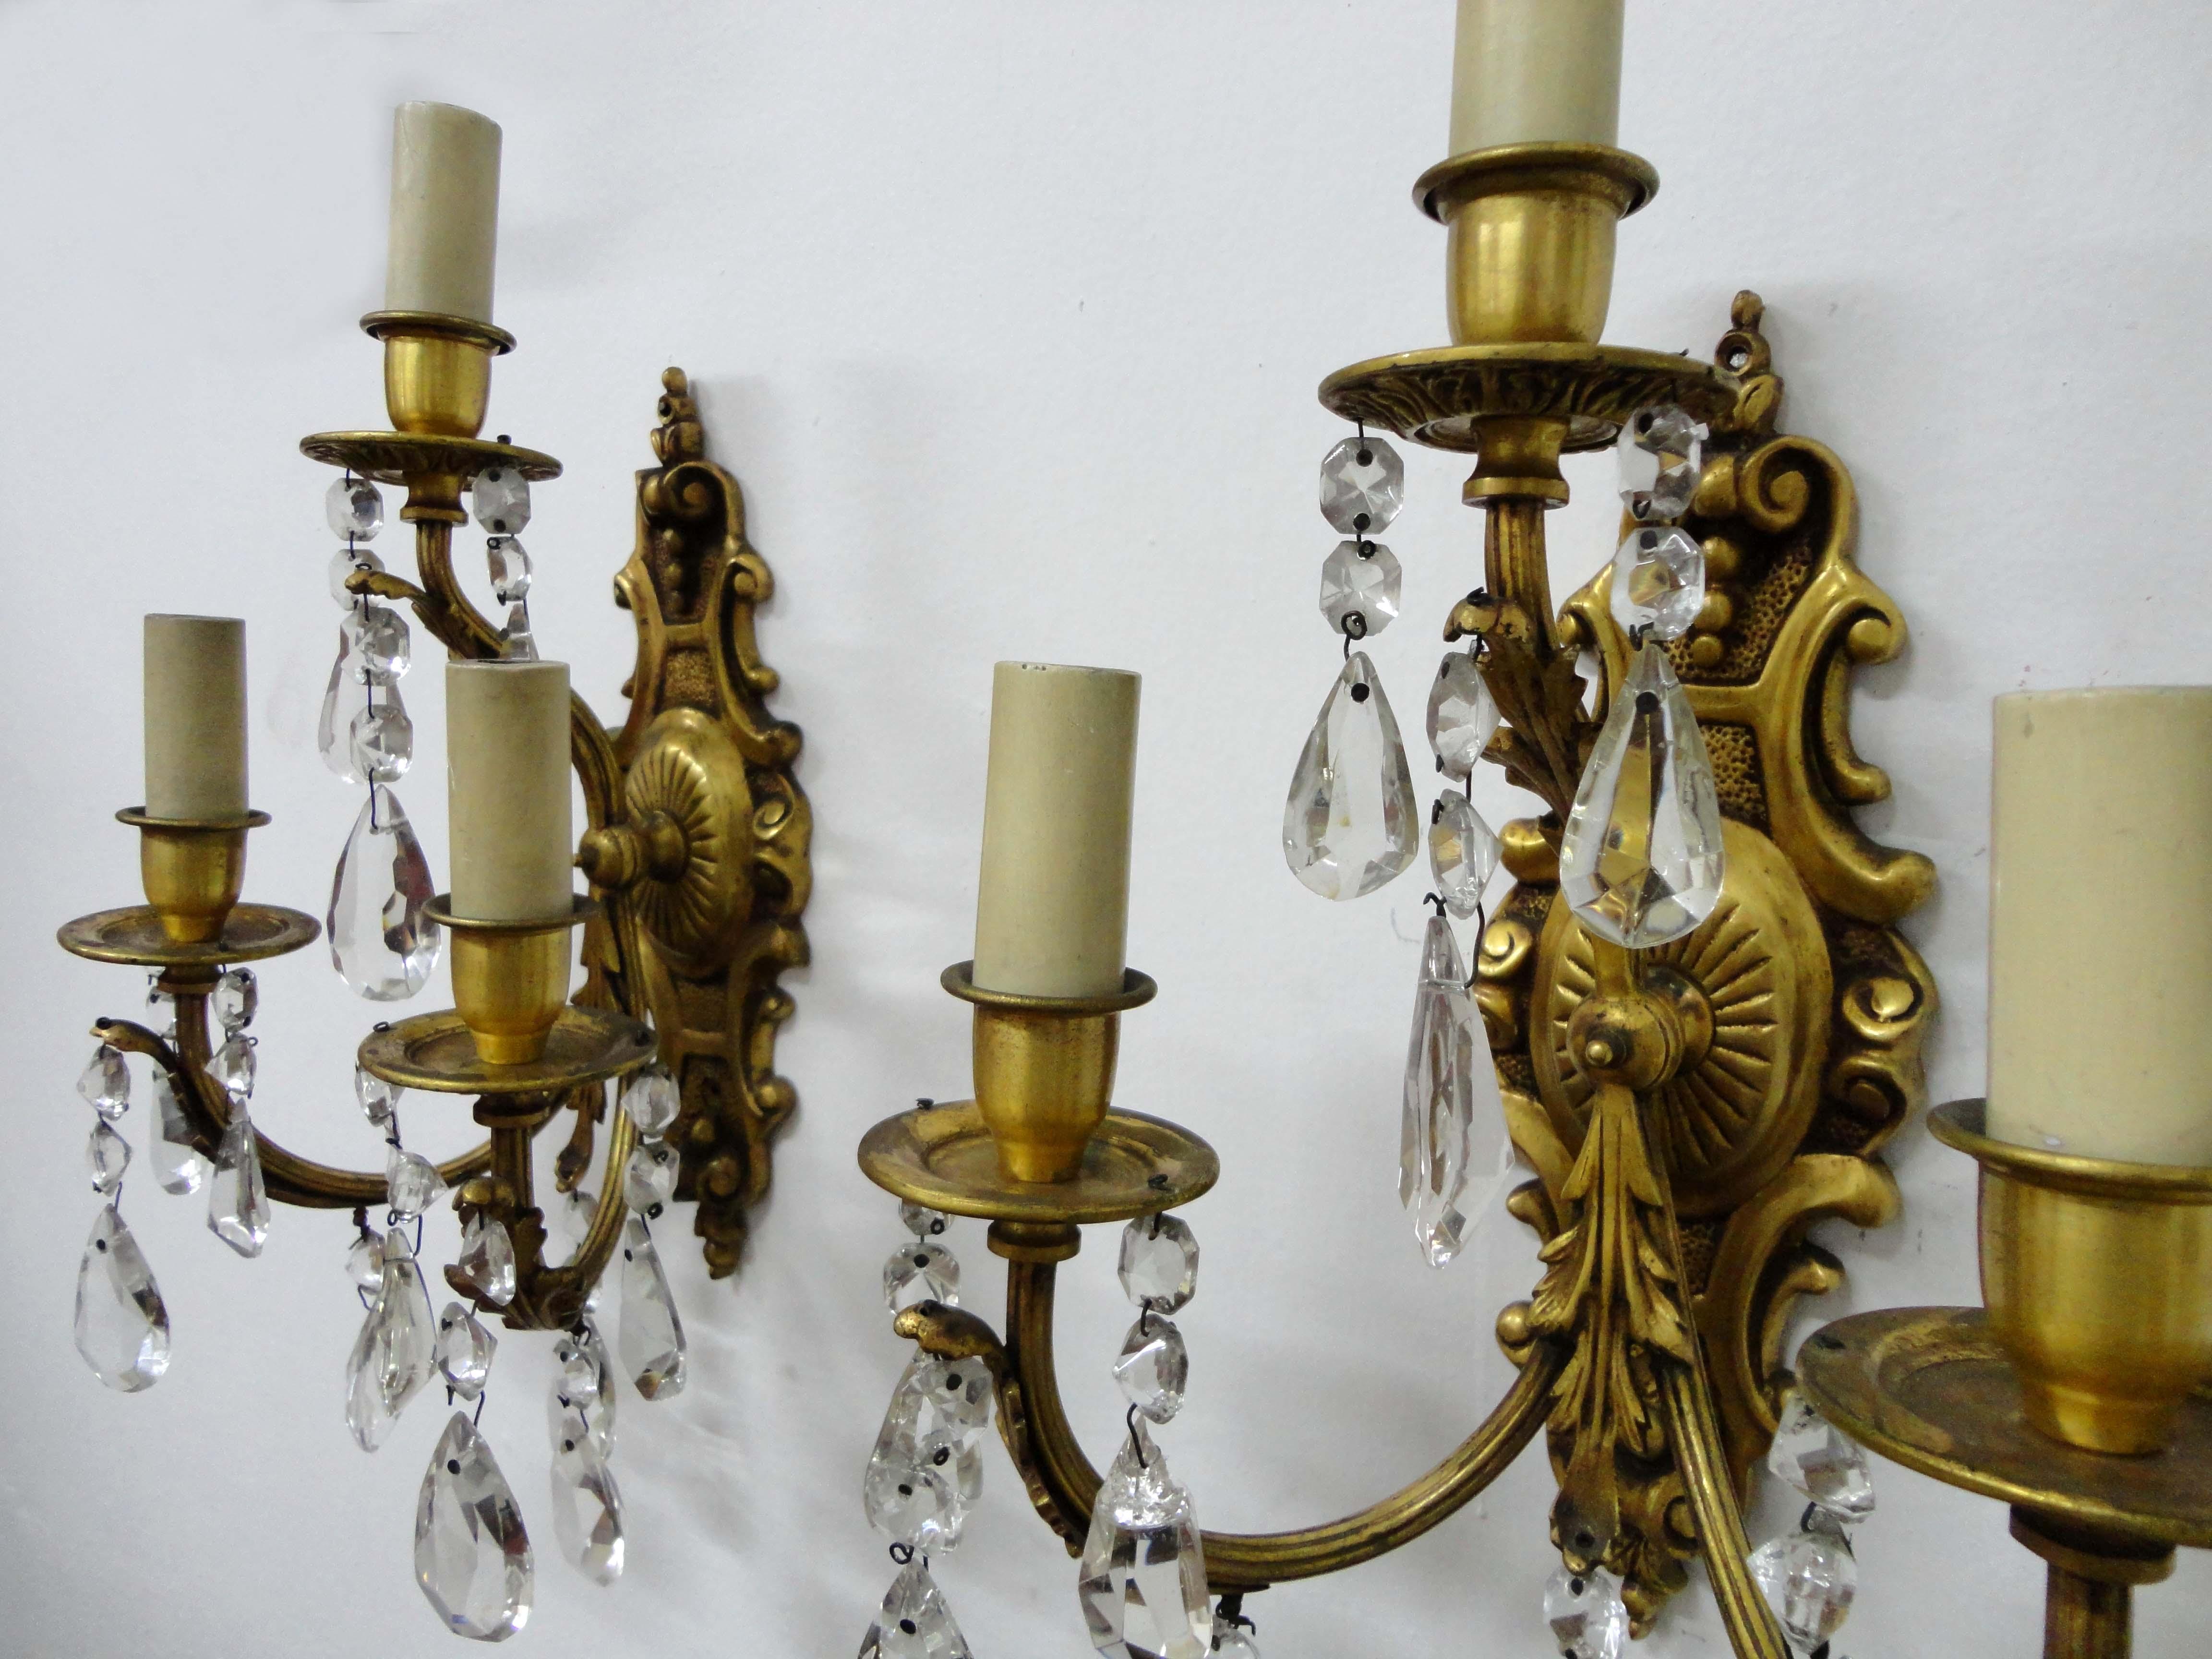 2 apliques en bronce hojas de acanto y caireles casa rueda - Apliques de bronce para muebles ...